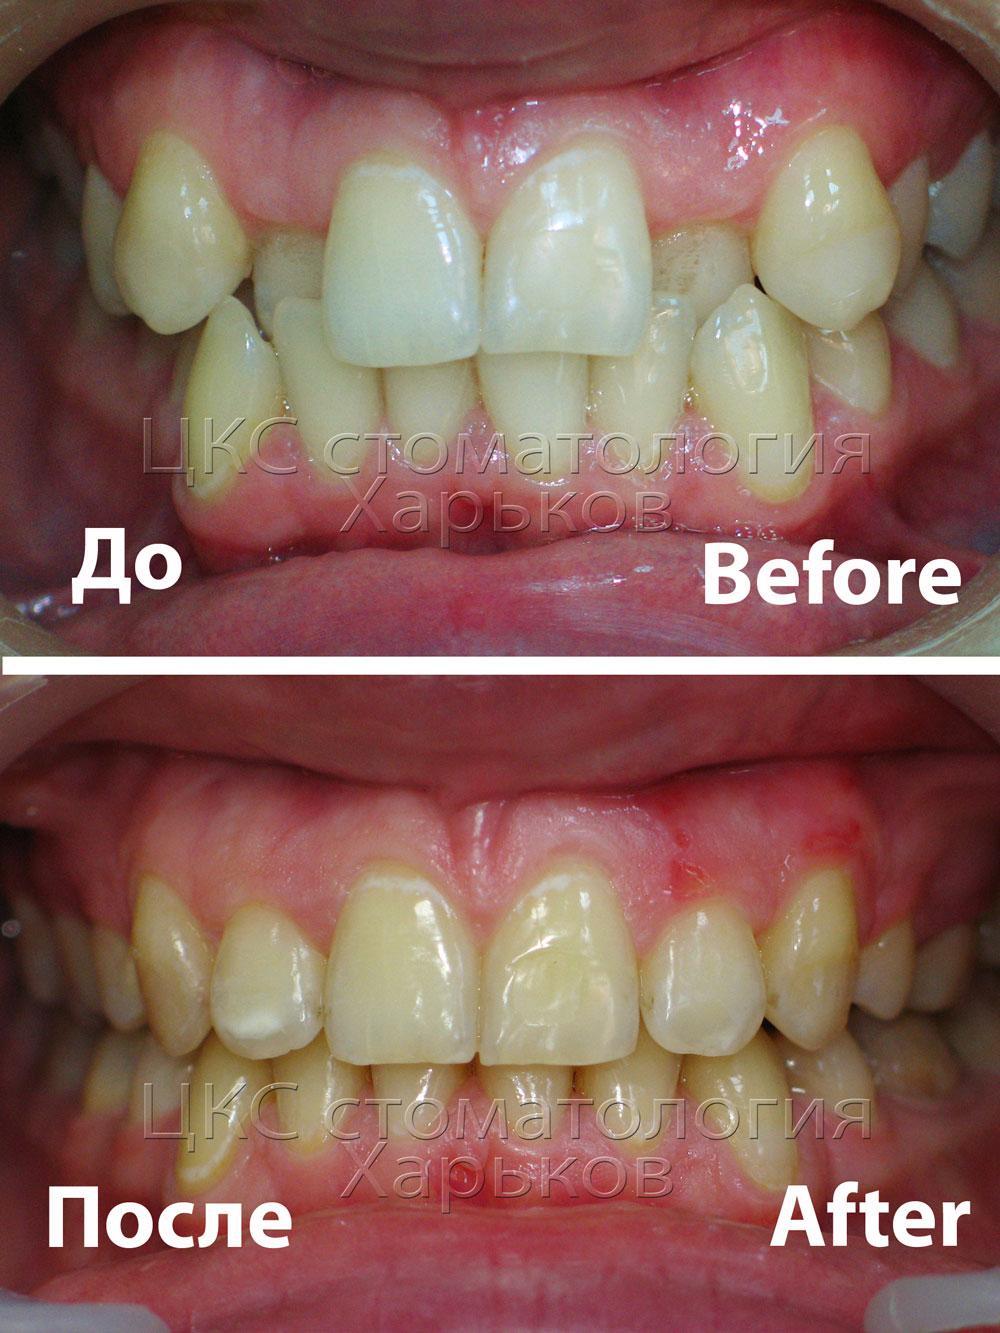 Фото зубов  до и после лечения брекетами